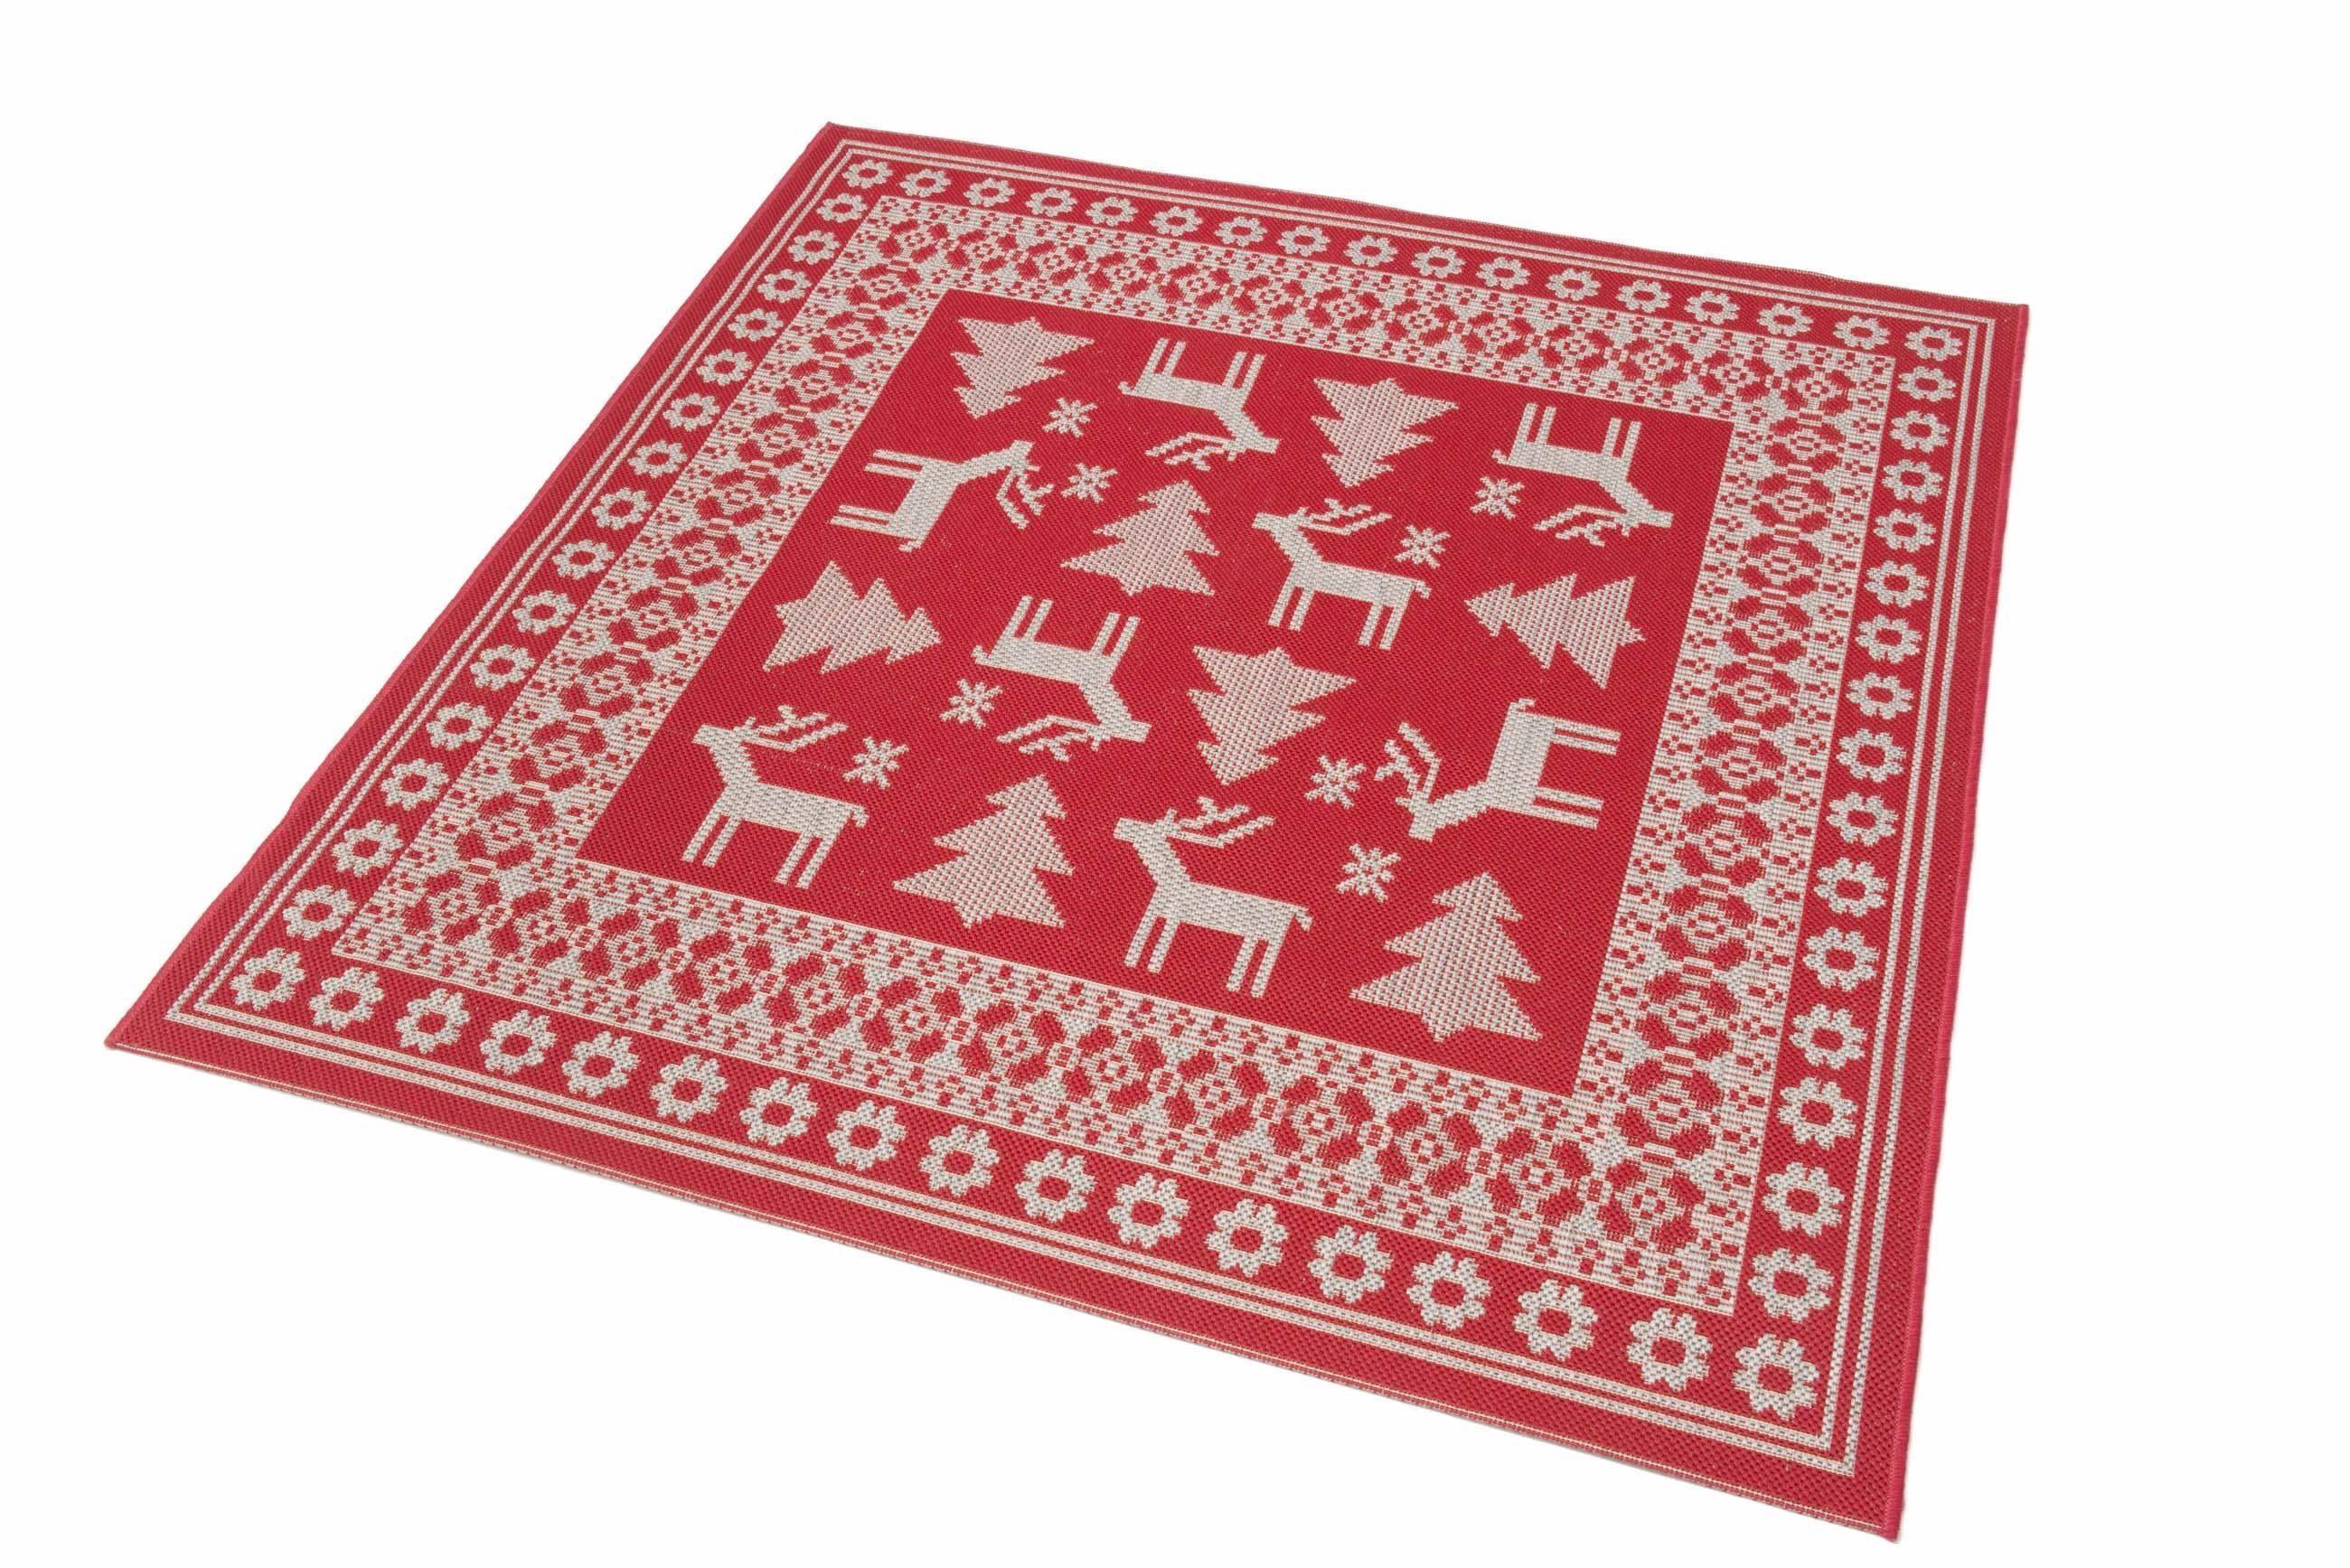 Teppich »Weihnachtsteppich«, Teppich Kontor Hamburg, quadratisch, Höhe 5 mm, abwaschbar